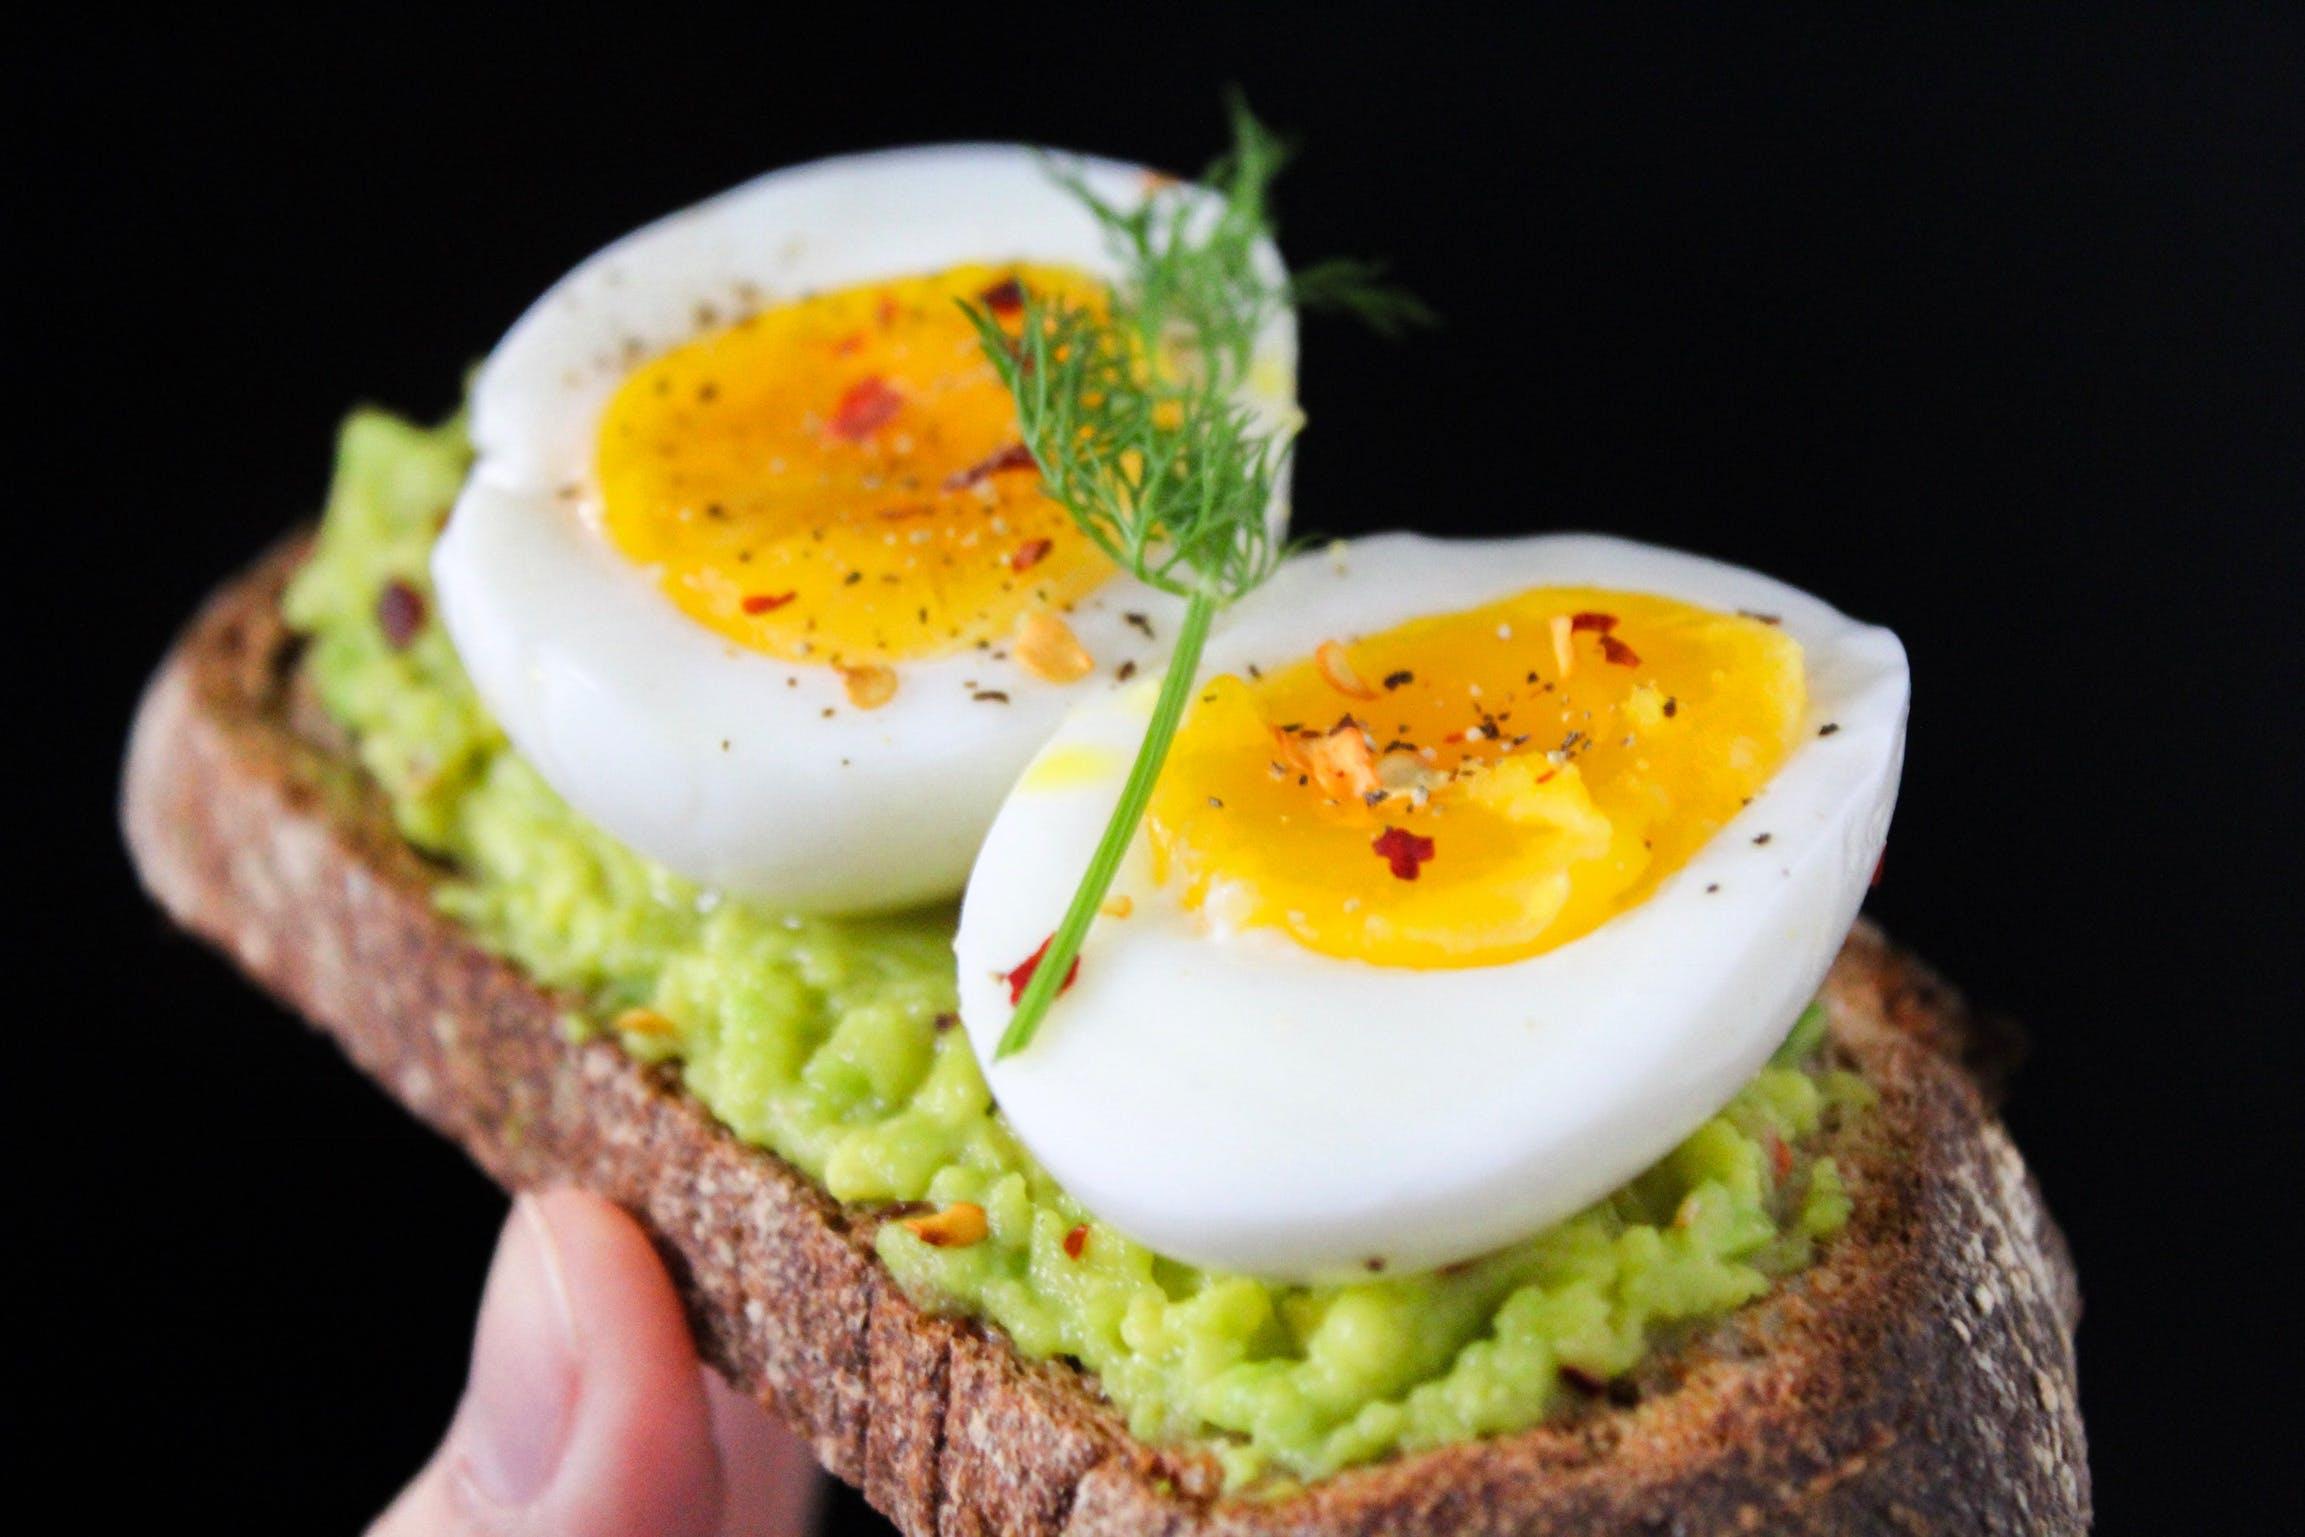 Lo que le pasa a tu cuerpo si desayunas huevo todos los días